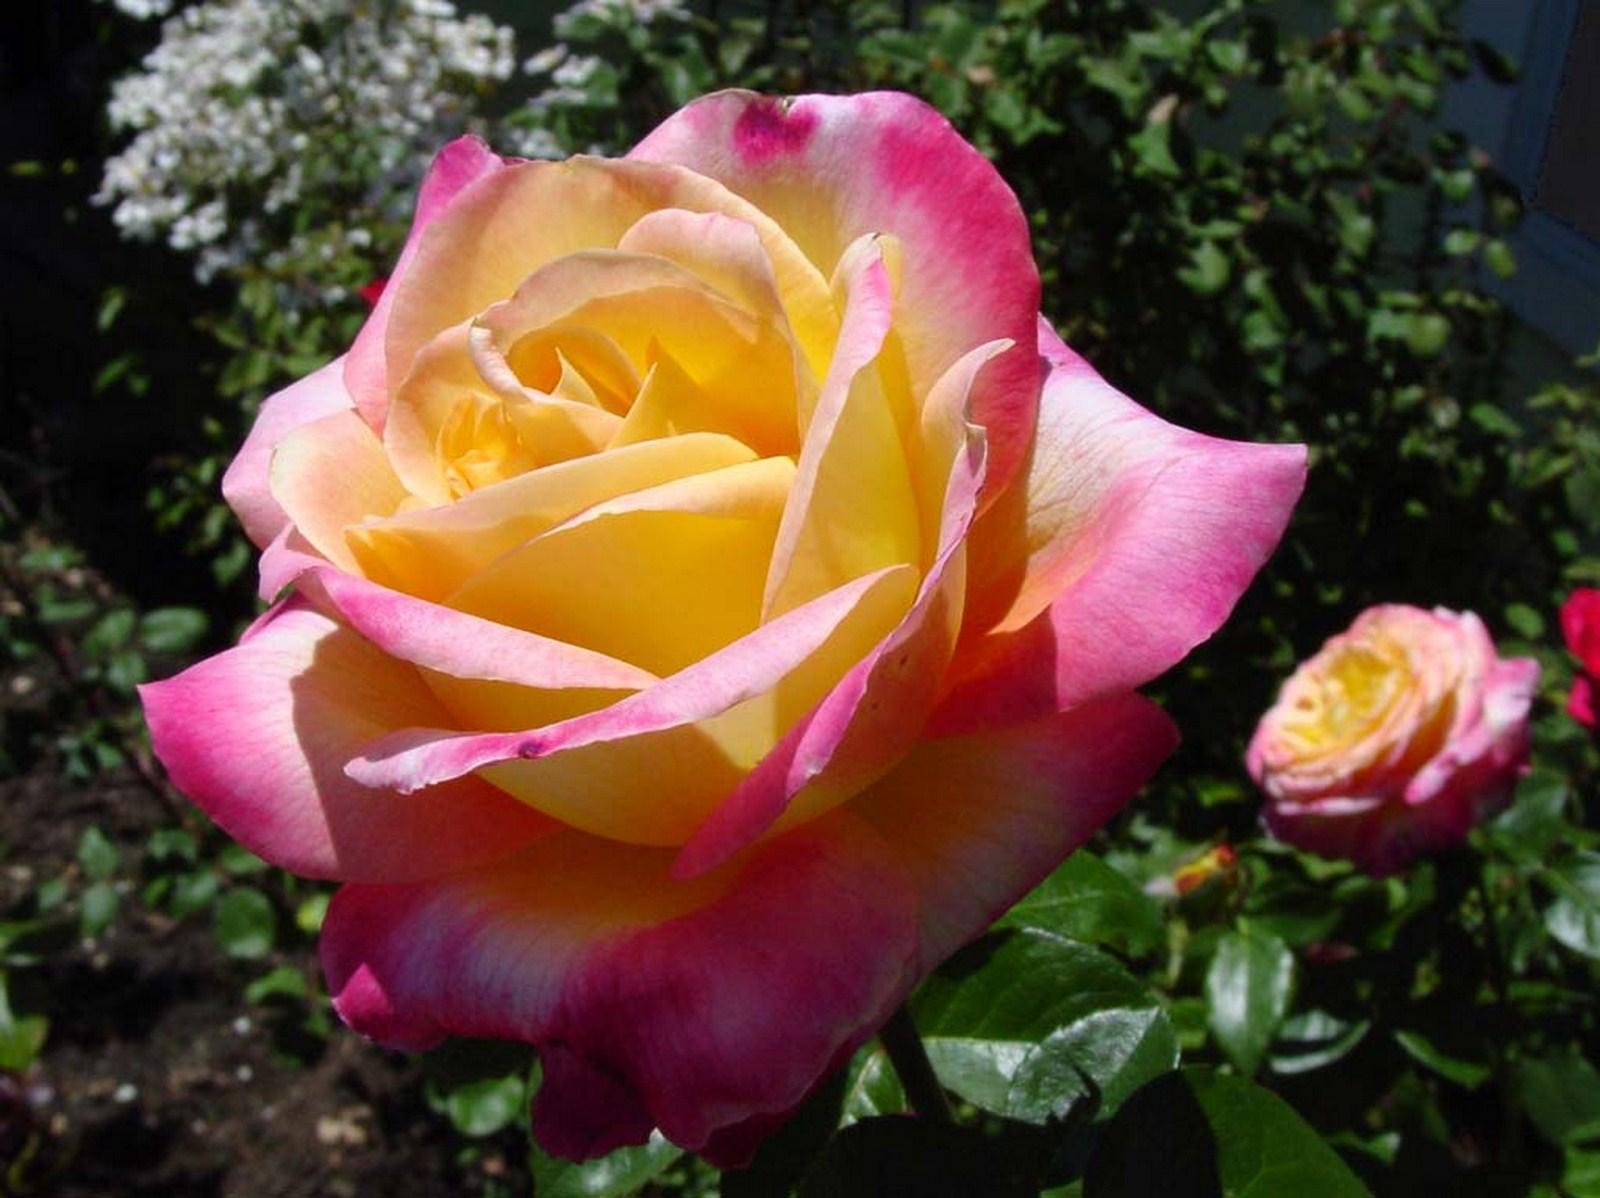 بالصور تحميل صور ورد مجانا , اجمل صور الازهار الراقية 349 4